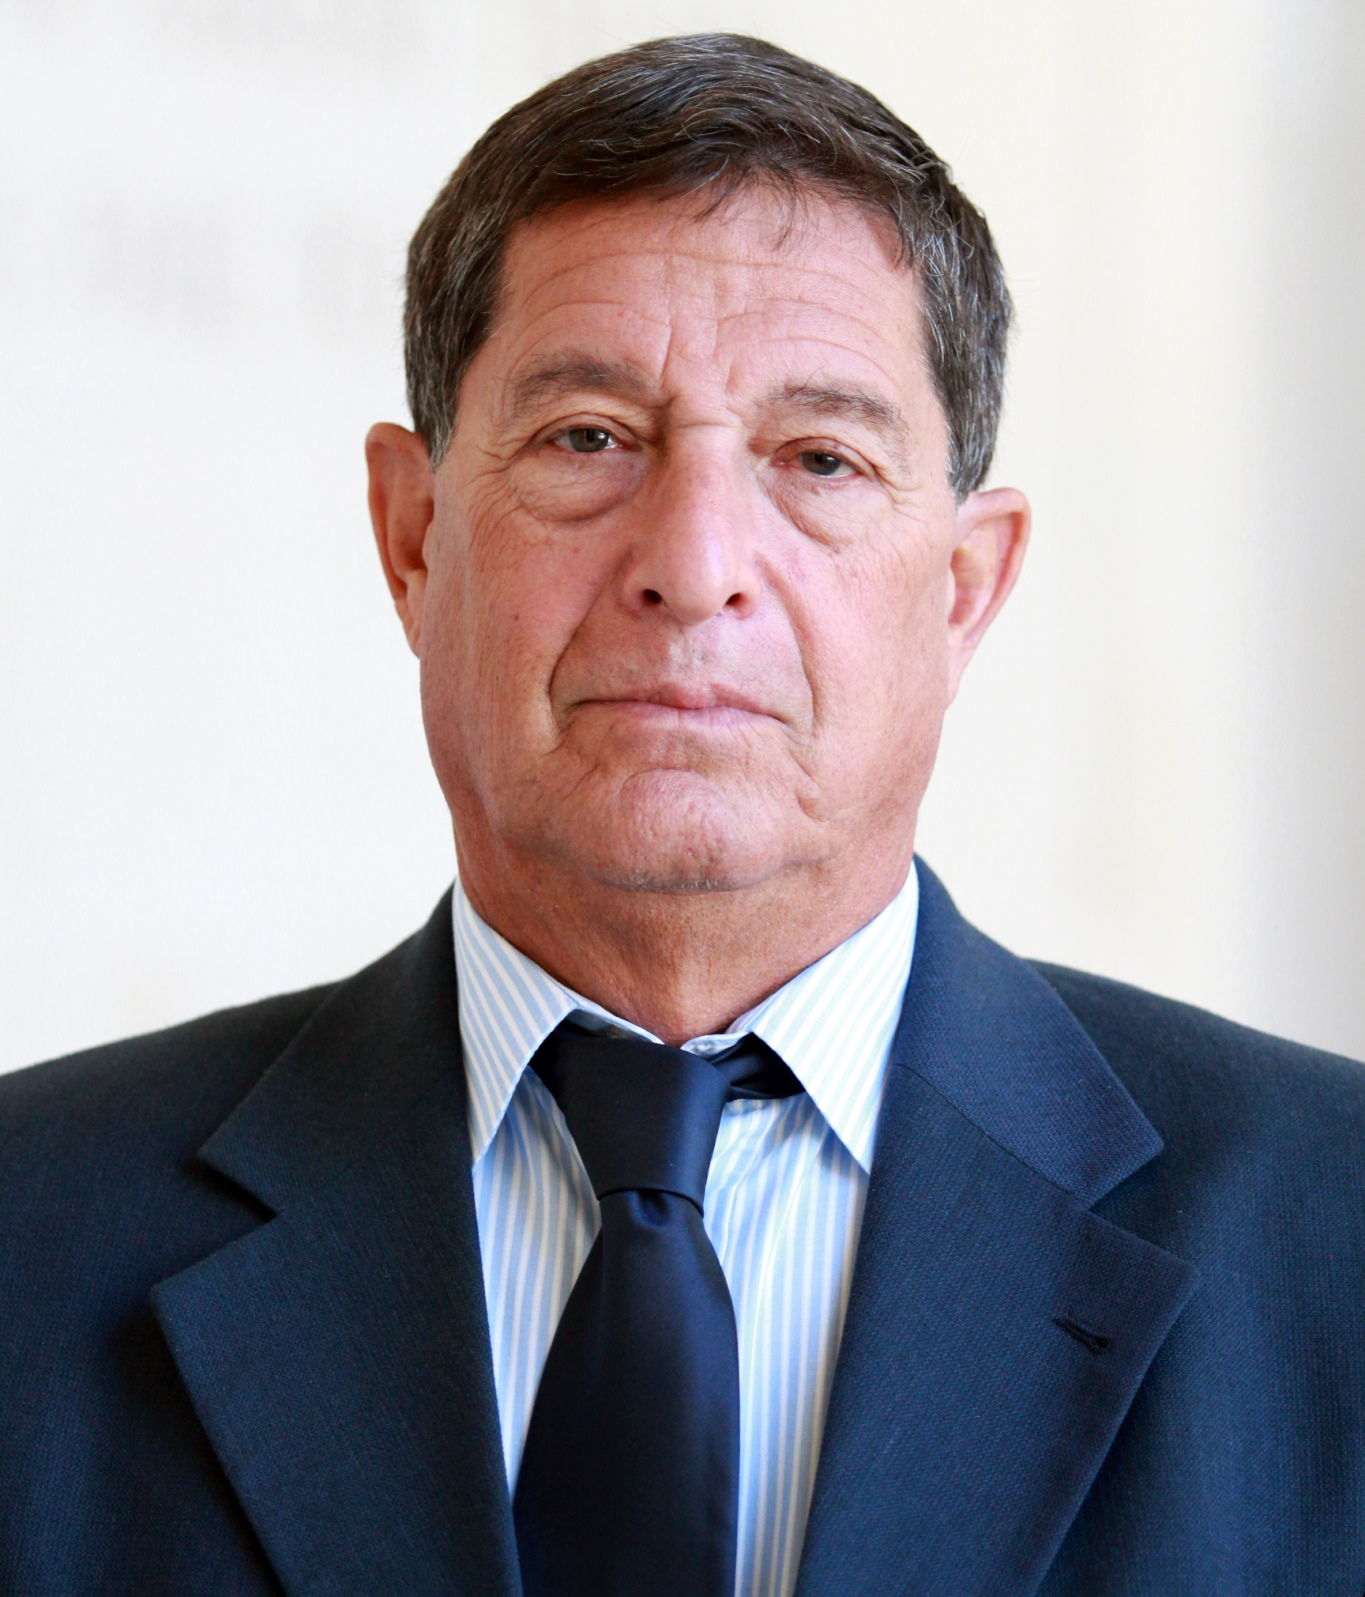 Prof. Gabriel Weimann. Photo: courtesy